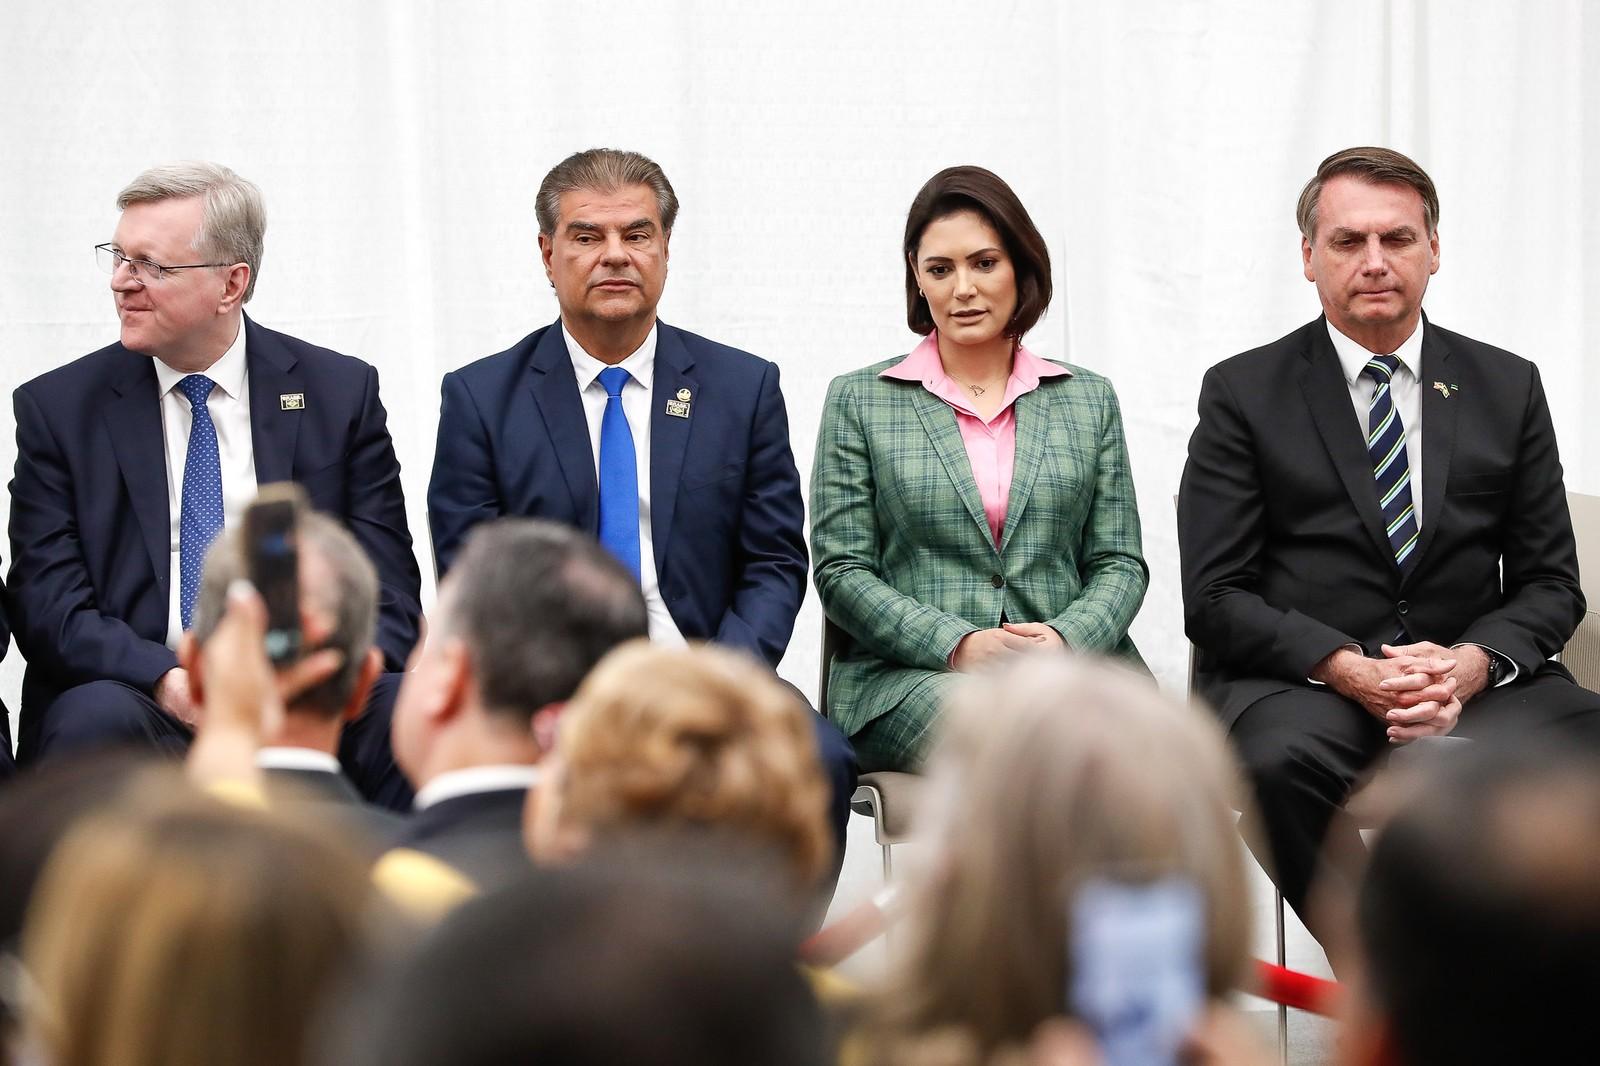 Nestor Forster e senador Nelsinho Trad (PSD-MS), ao lado da primeira-dama Michelle Bolsonaro e do presidente, Jair Bolsonaro